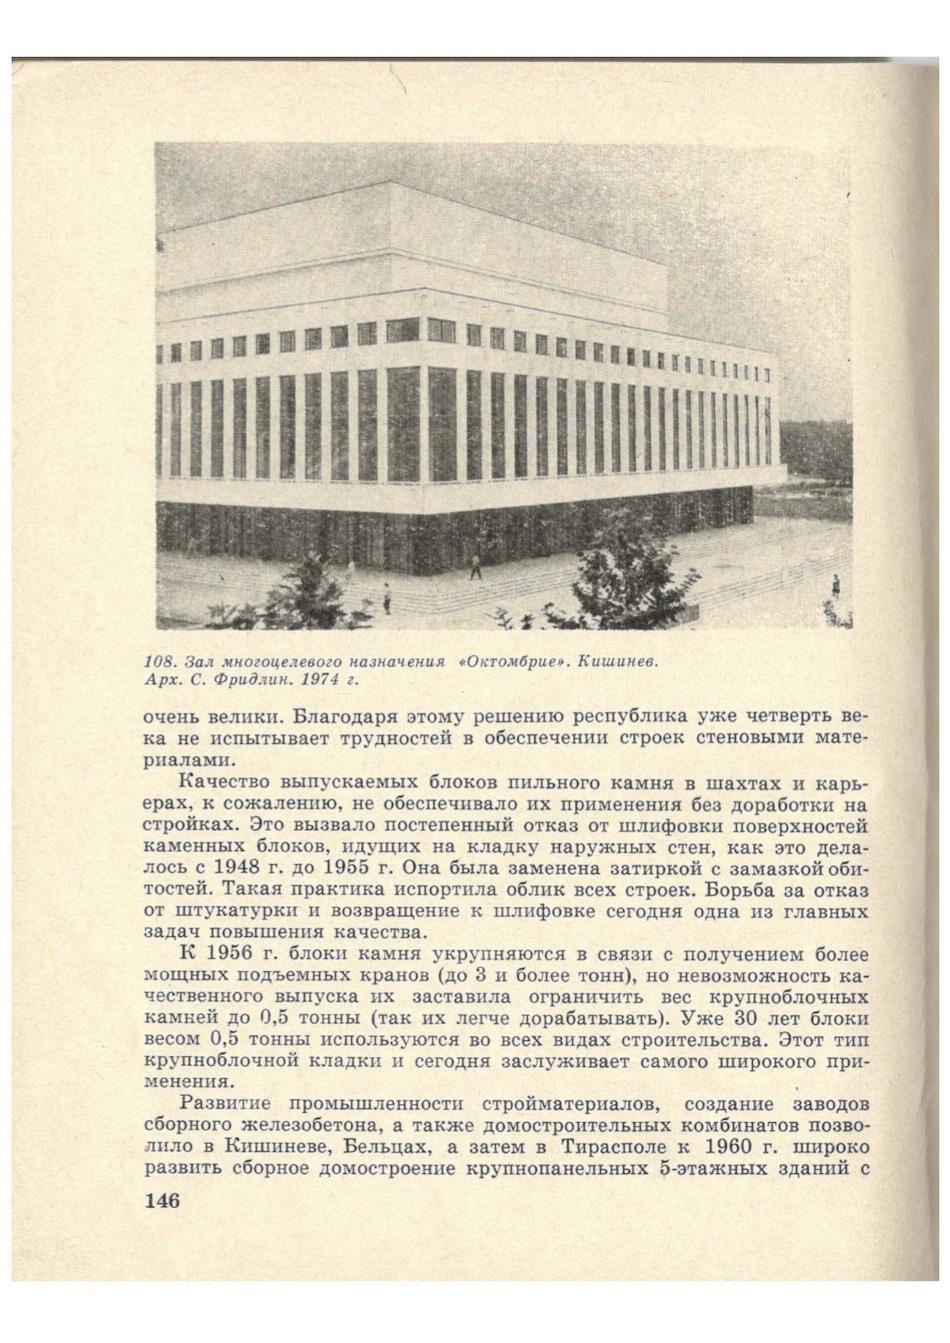 11129-Градостроительство-Молдавии-В-Ф-Смирнов